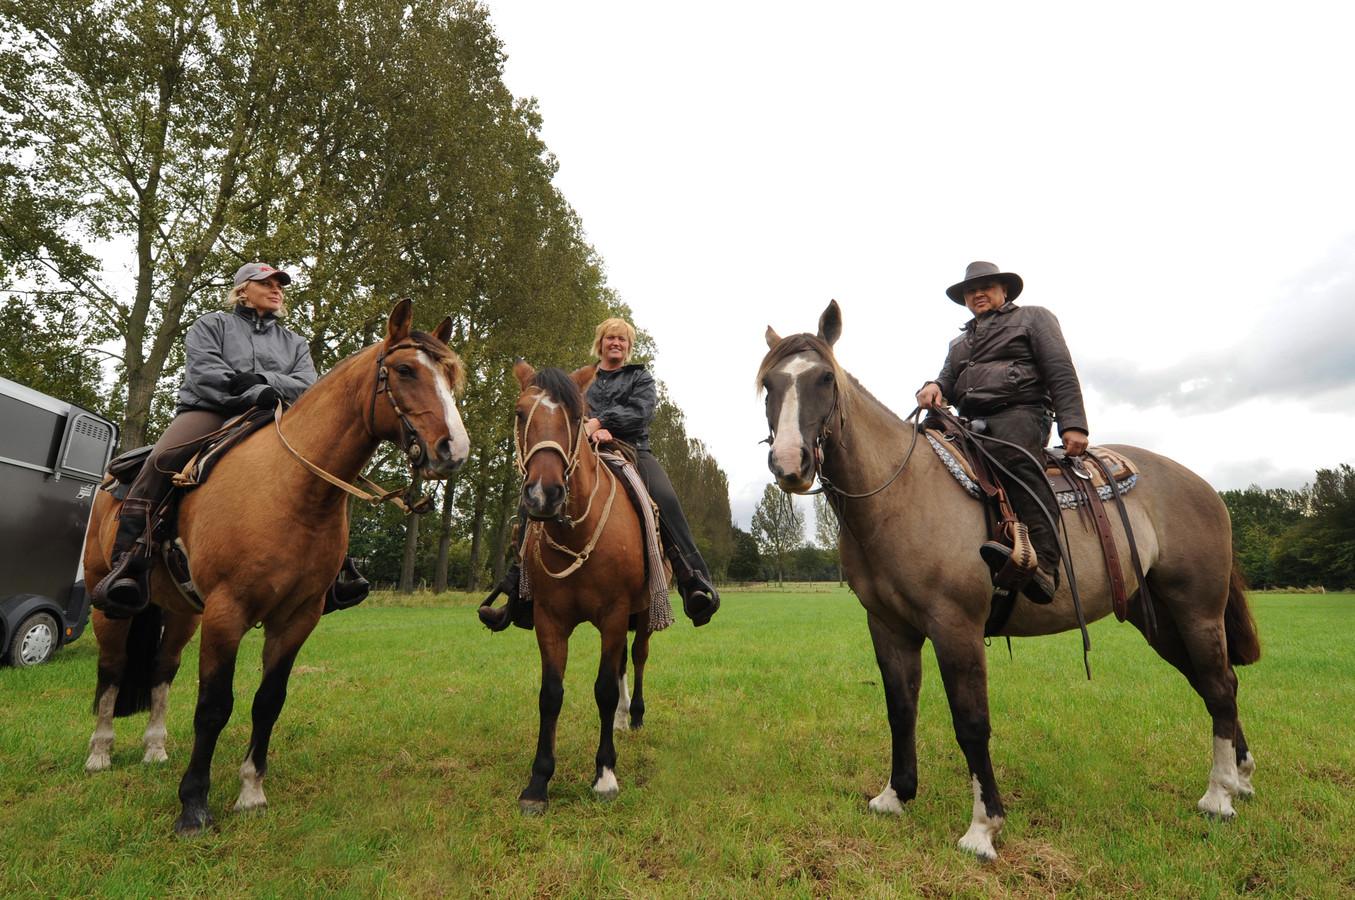 Foto van de Paarden3daagse in 2011.